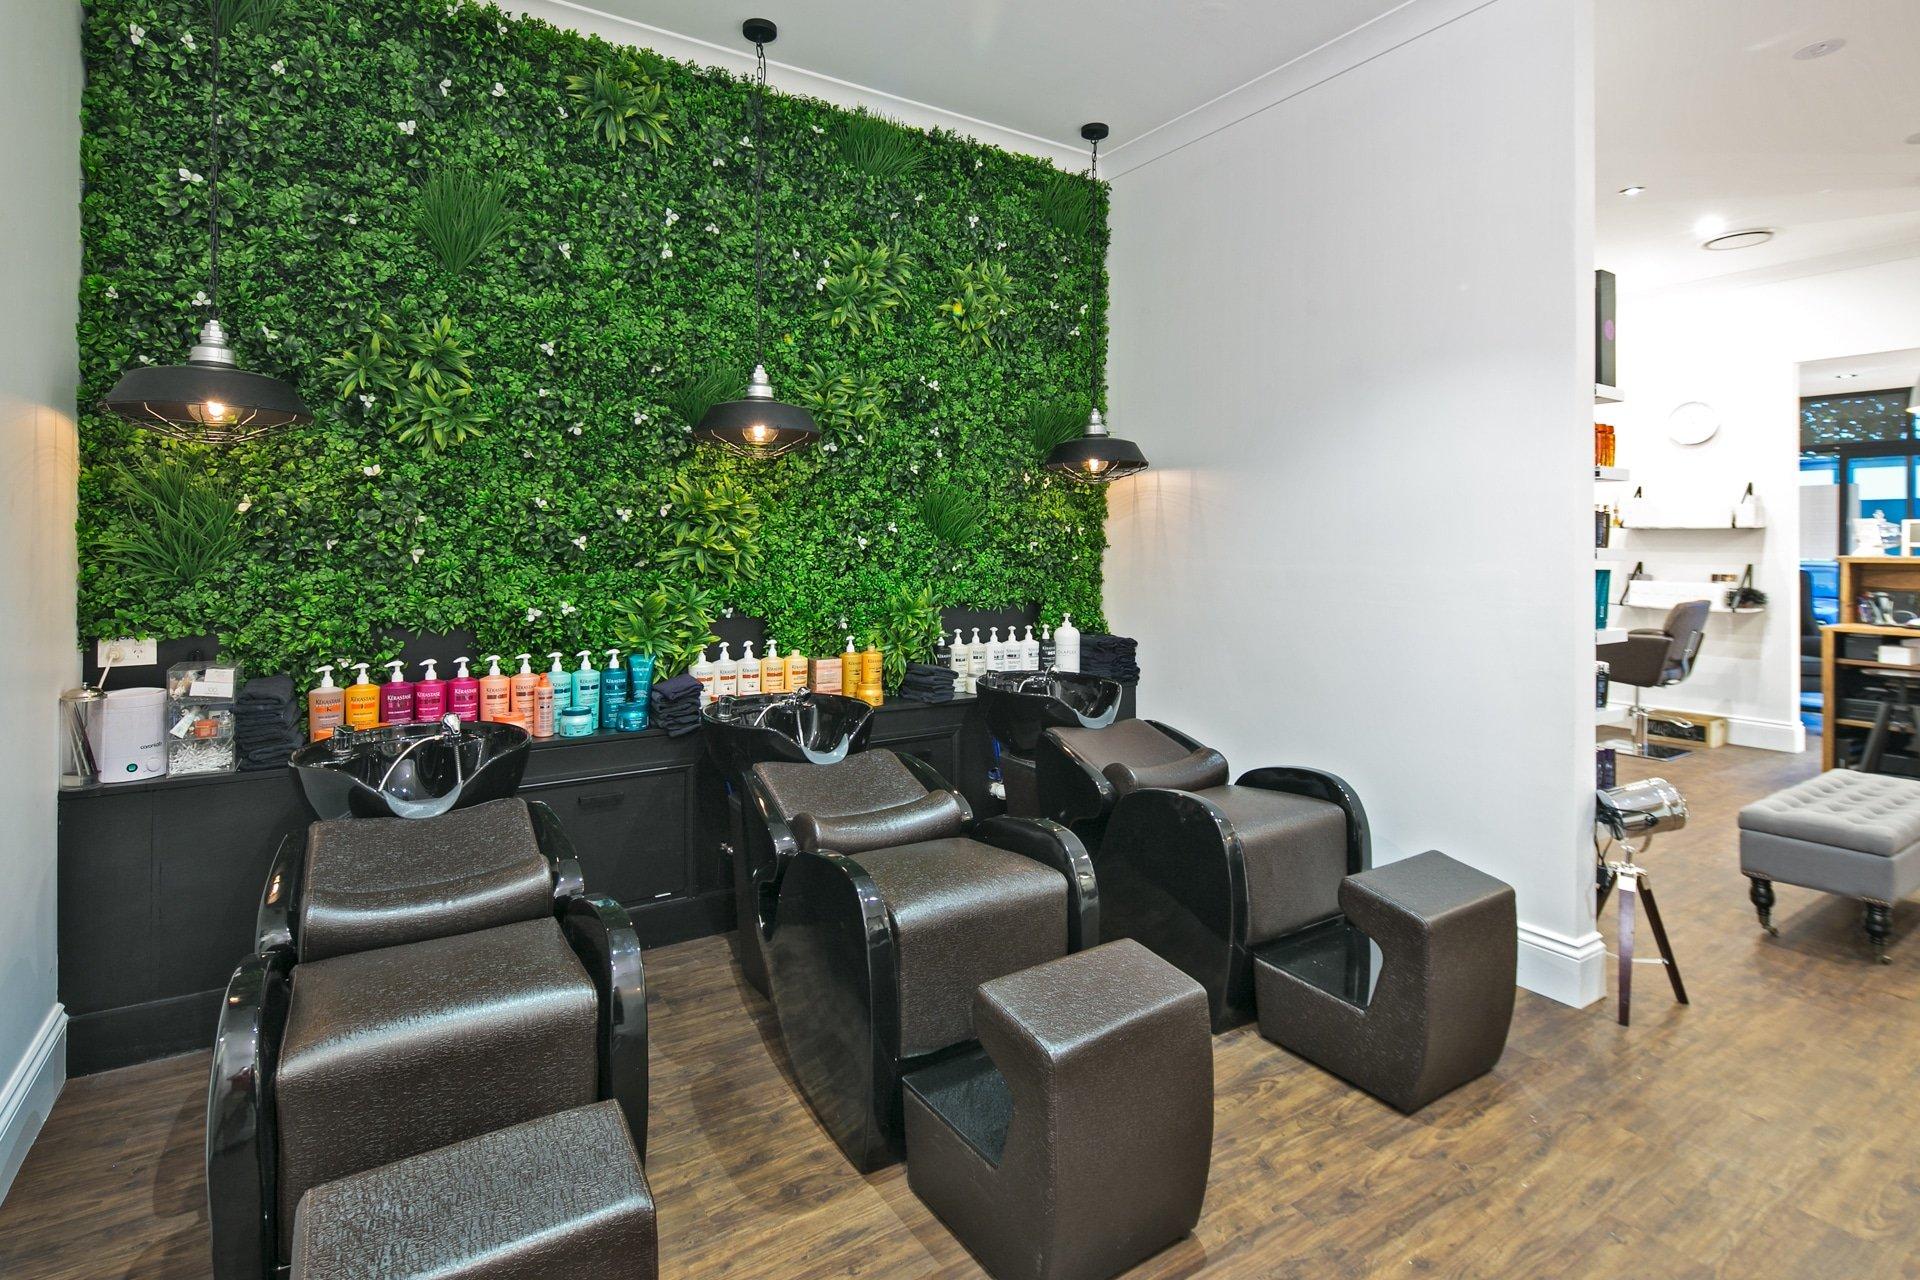 commercial artificial hedges. Black Bedroom Furniture Sets. Home Design Ideas